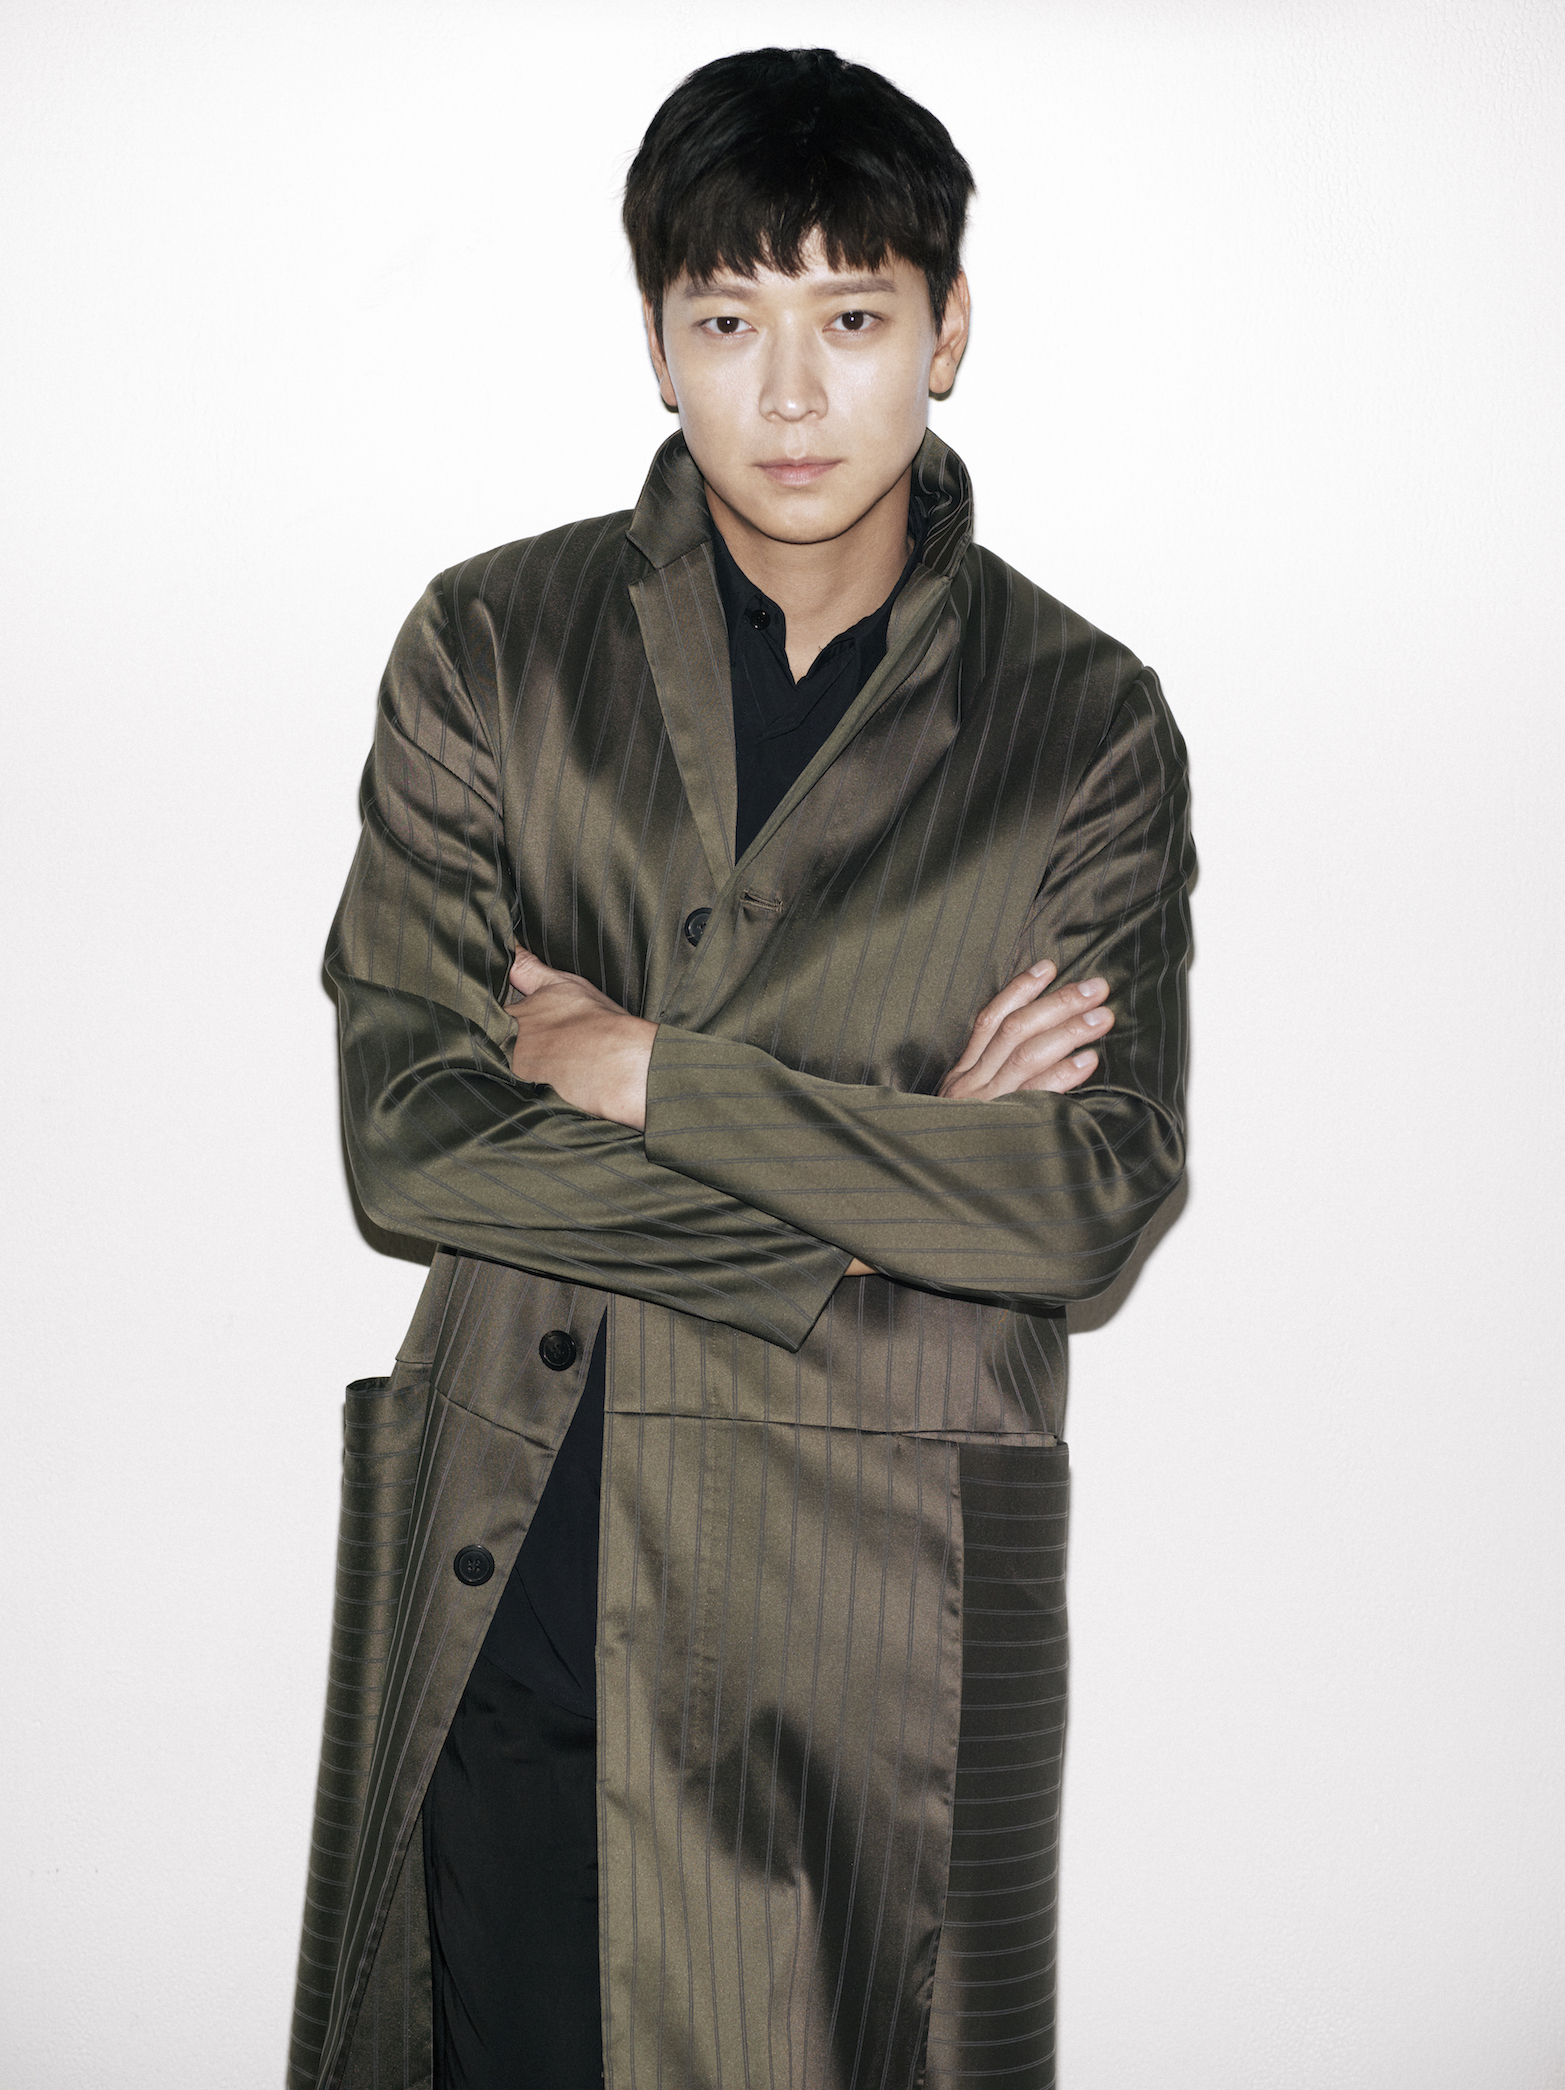 カン・ドンウォンさん、映画『MASTER/マスター』で7年ぶりの舞台挨拶&来日インタビュー!_1_1